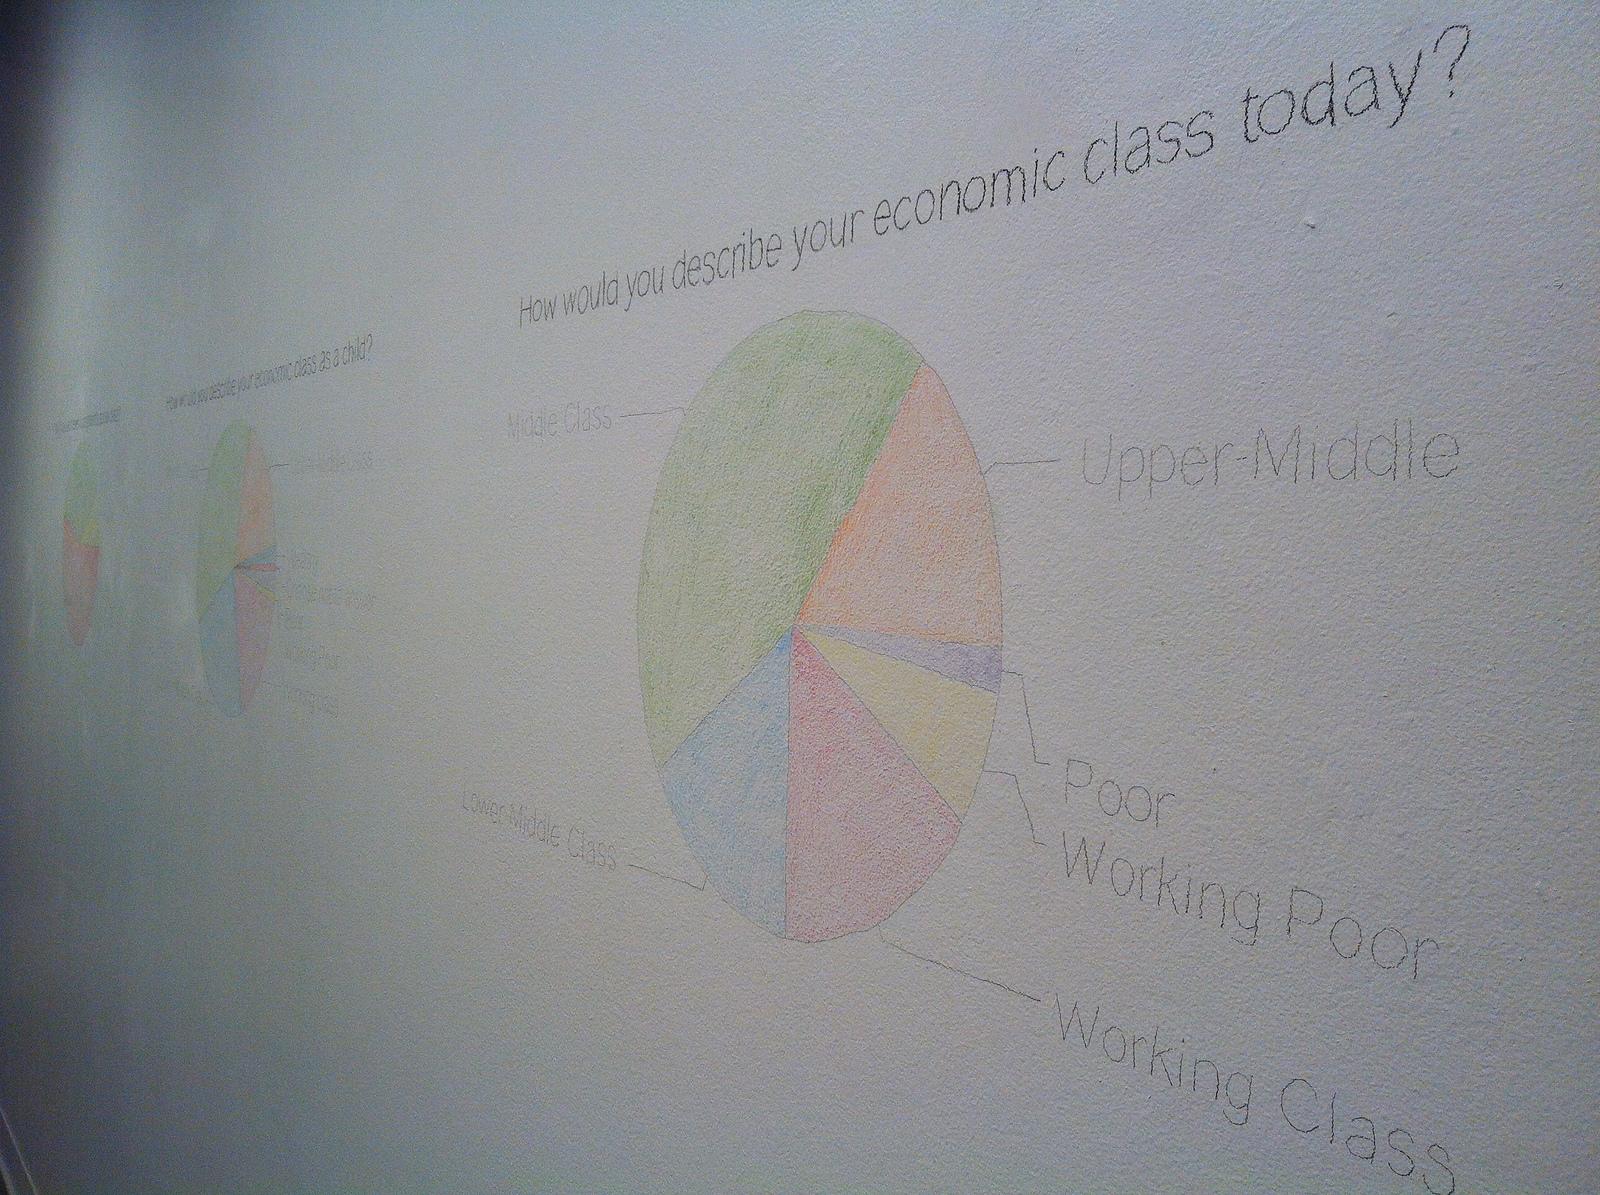 Visualizing the Survey Data